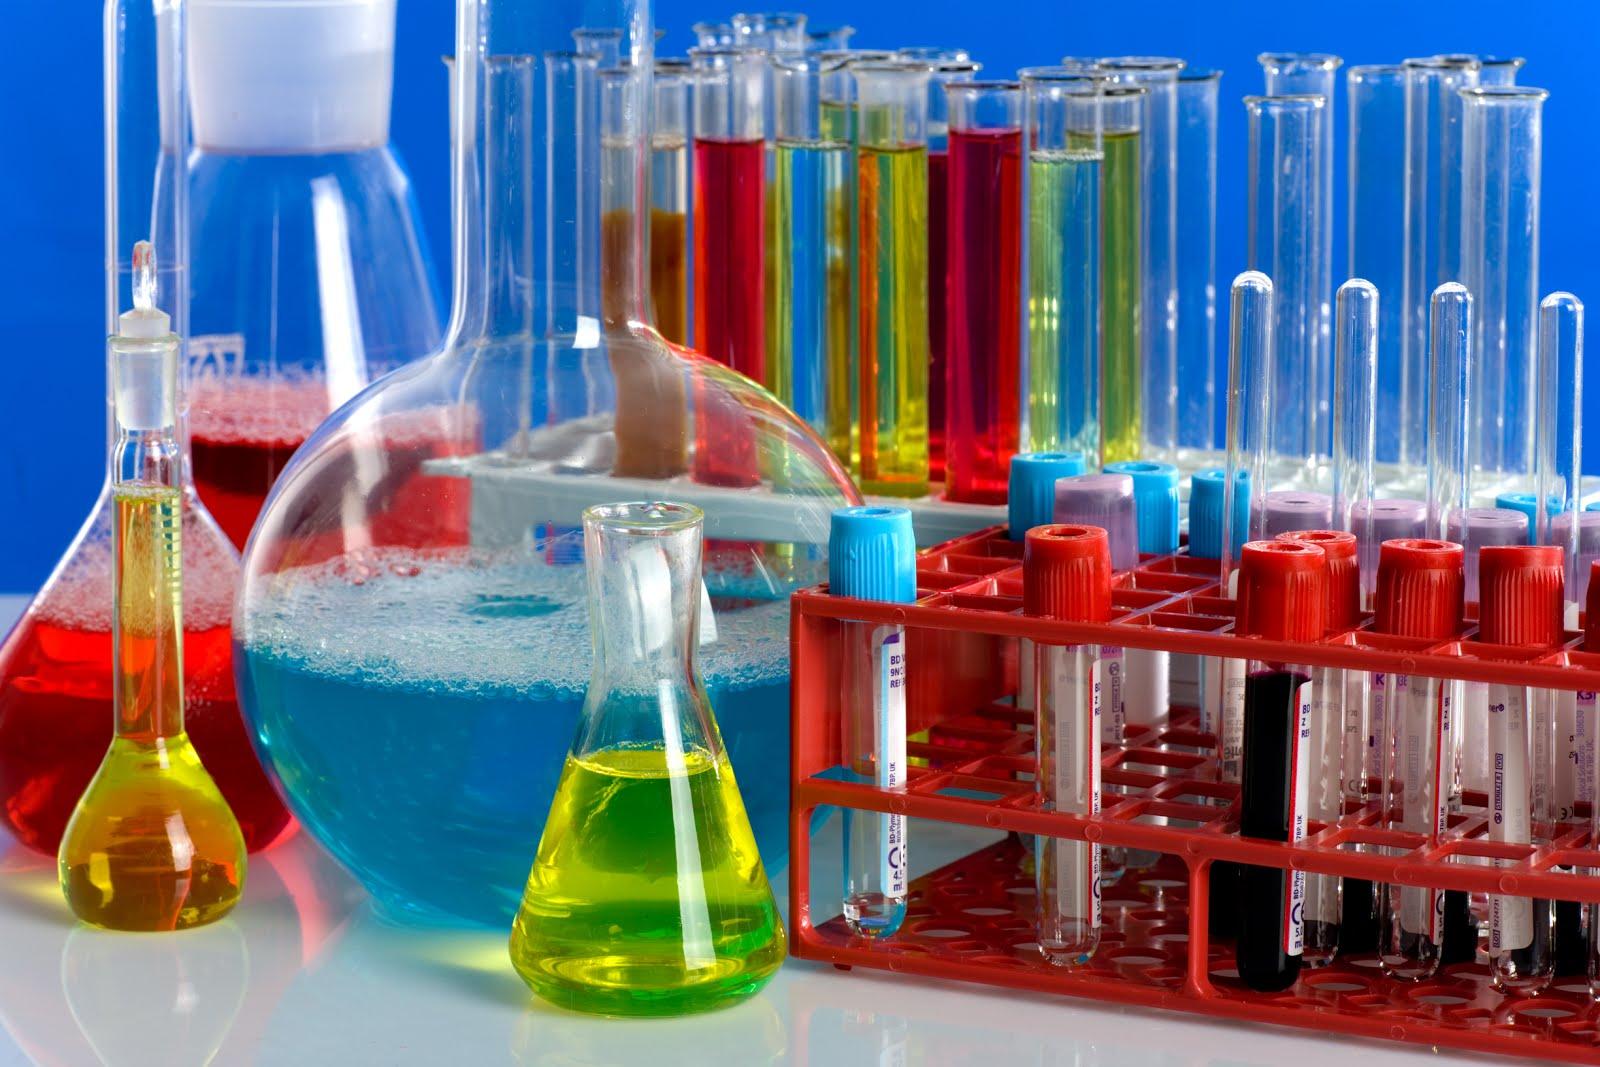 tubos-de-ensayo-de-colores-en-laboratorio-clinico-de-quimica